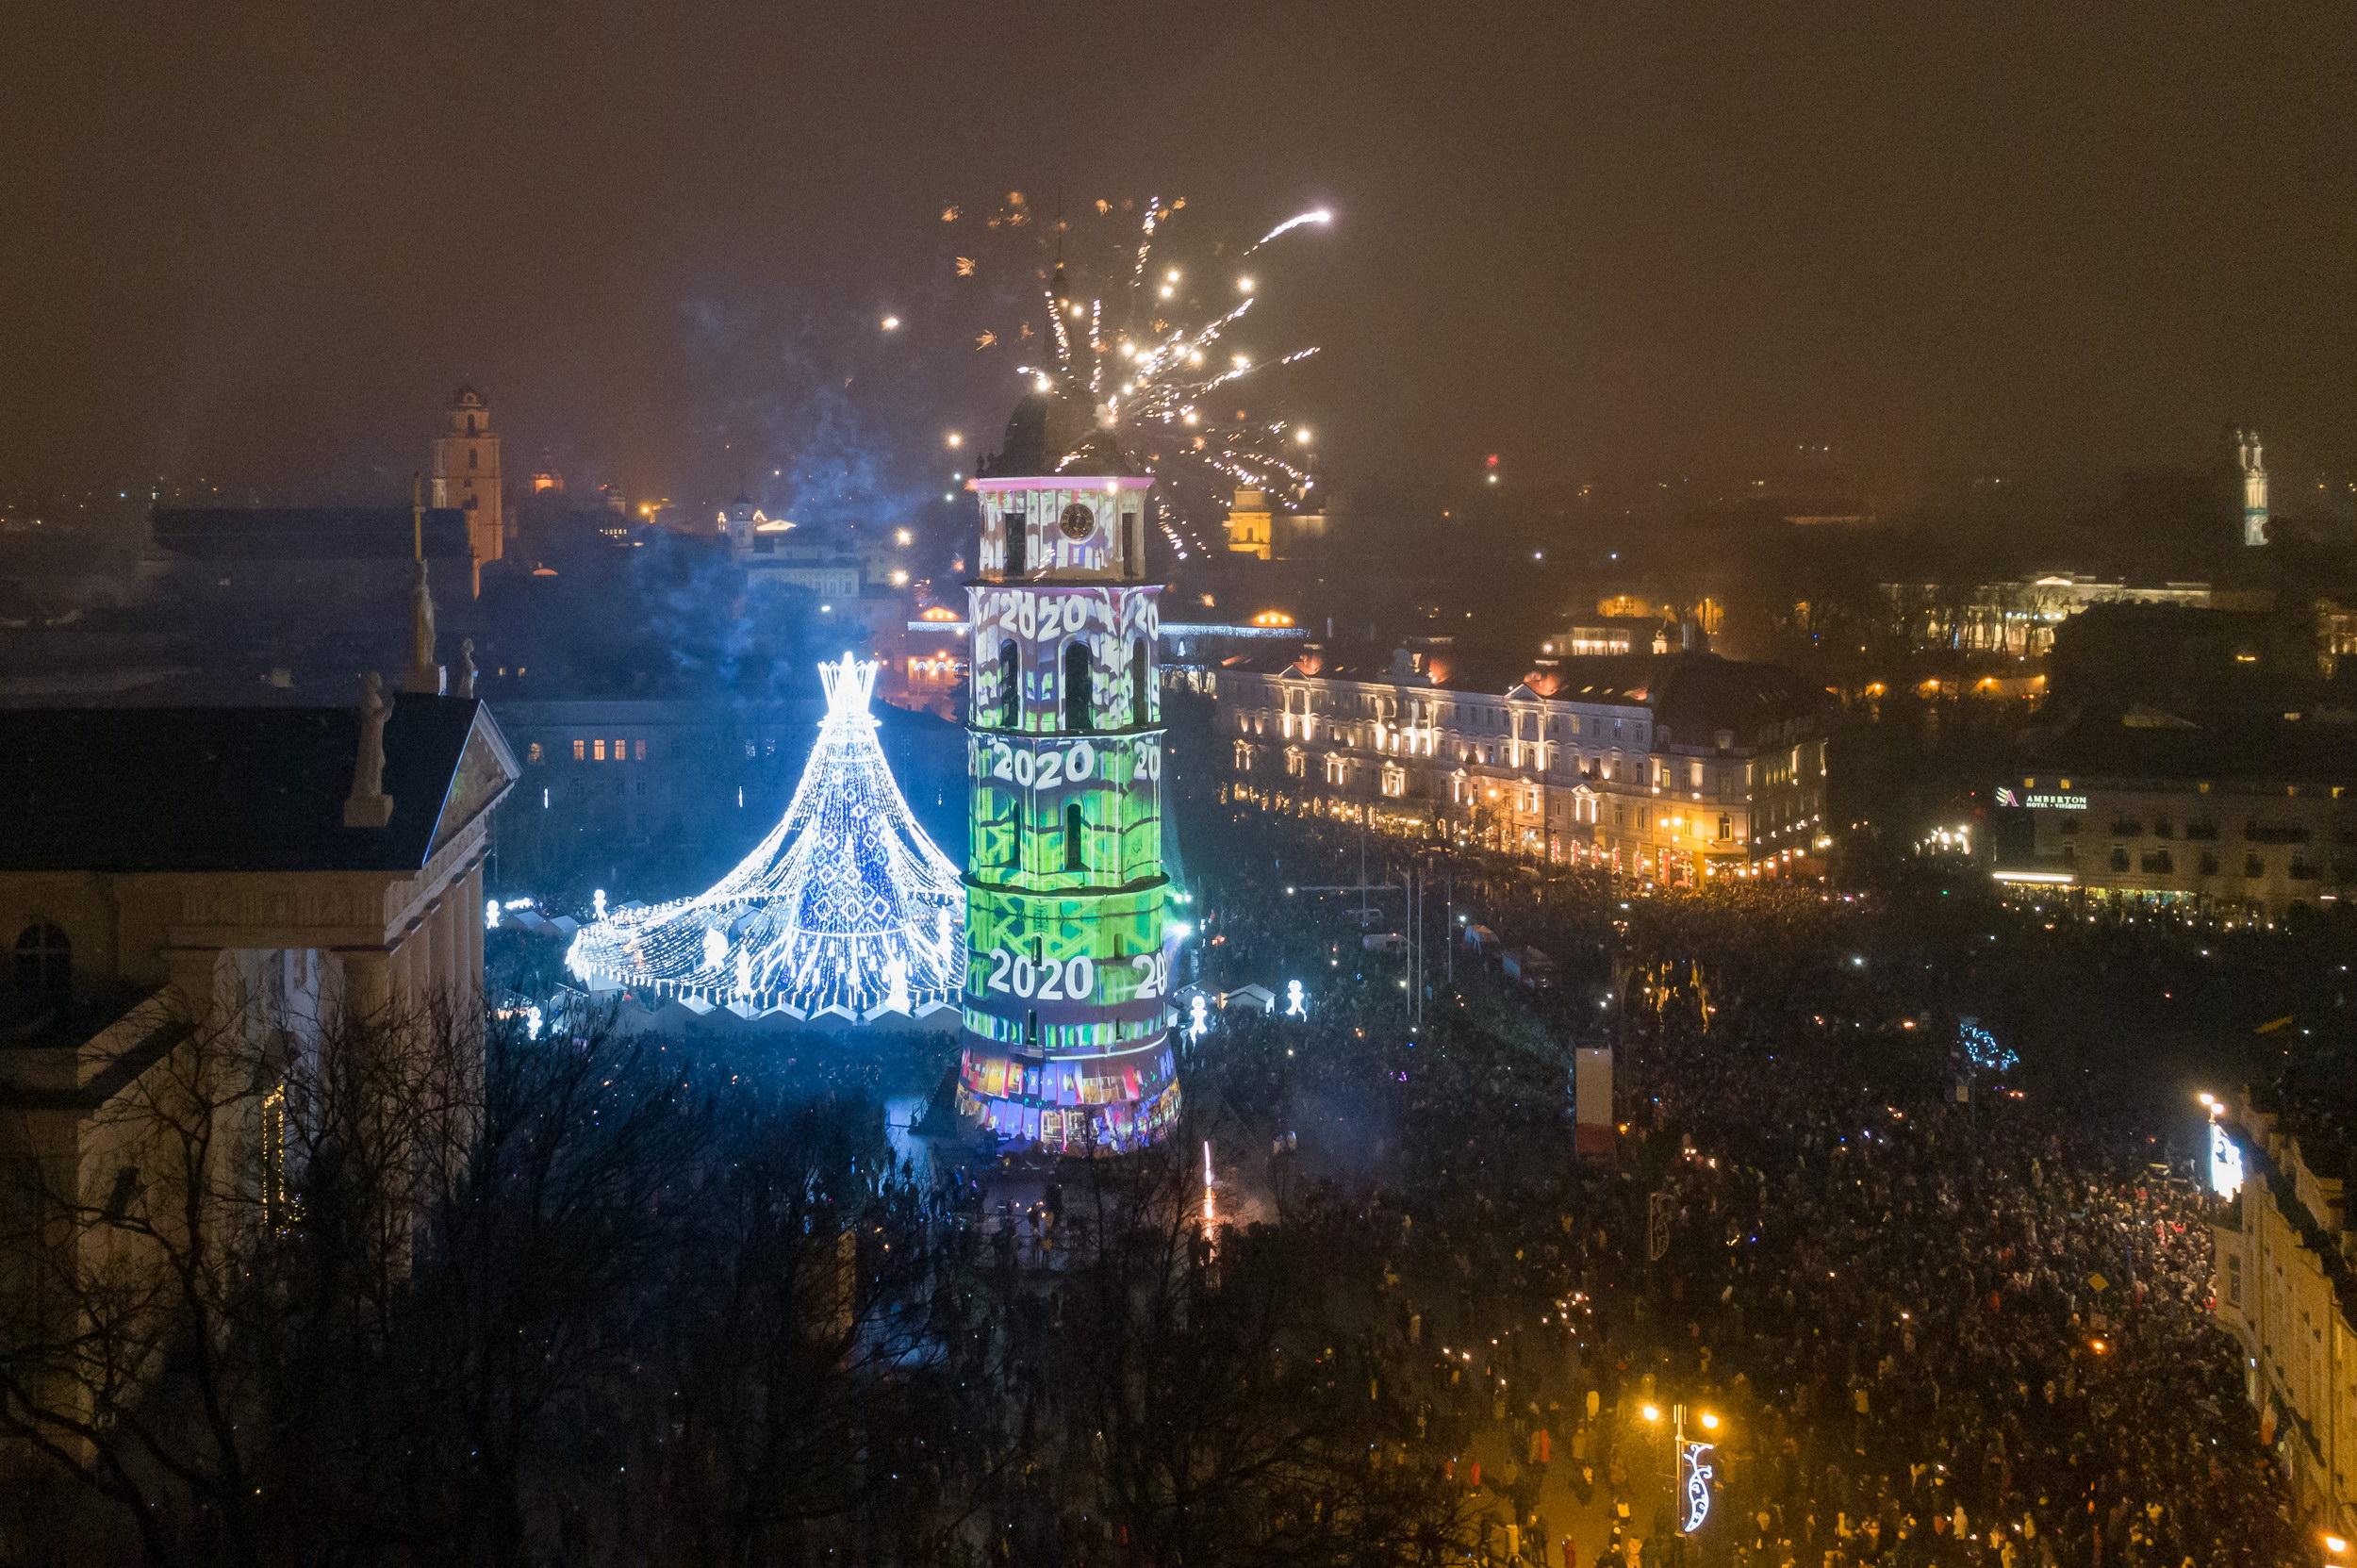 Naujųjų 2020-ųjų sutikimas Vilniuje | vilnius.lt nuotr.